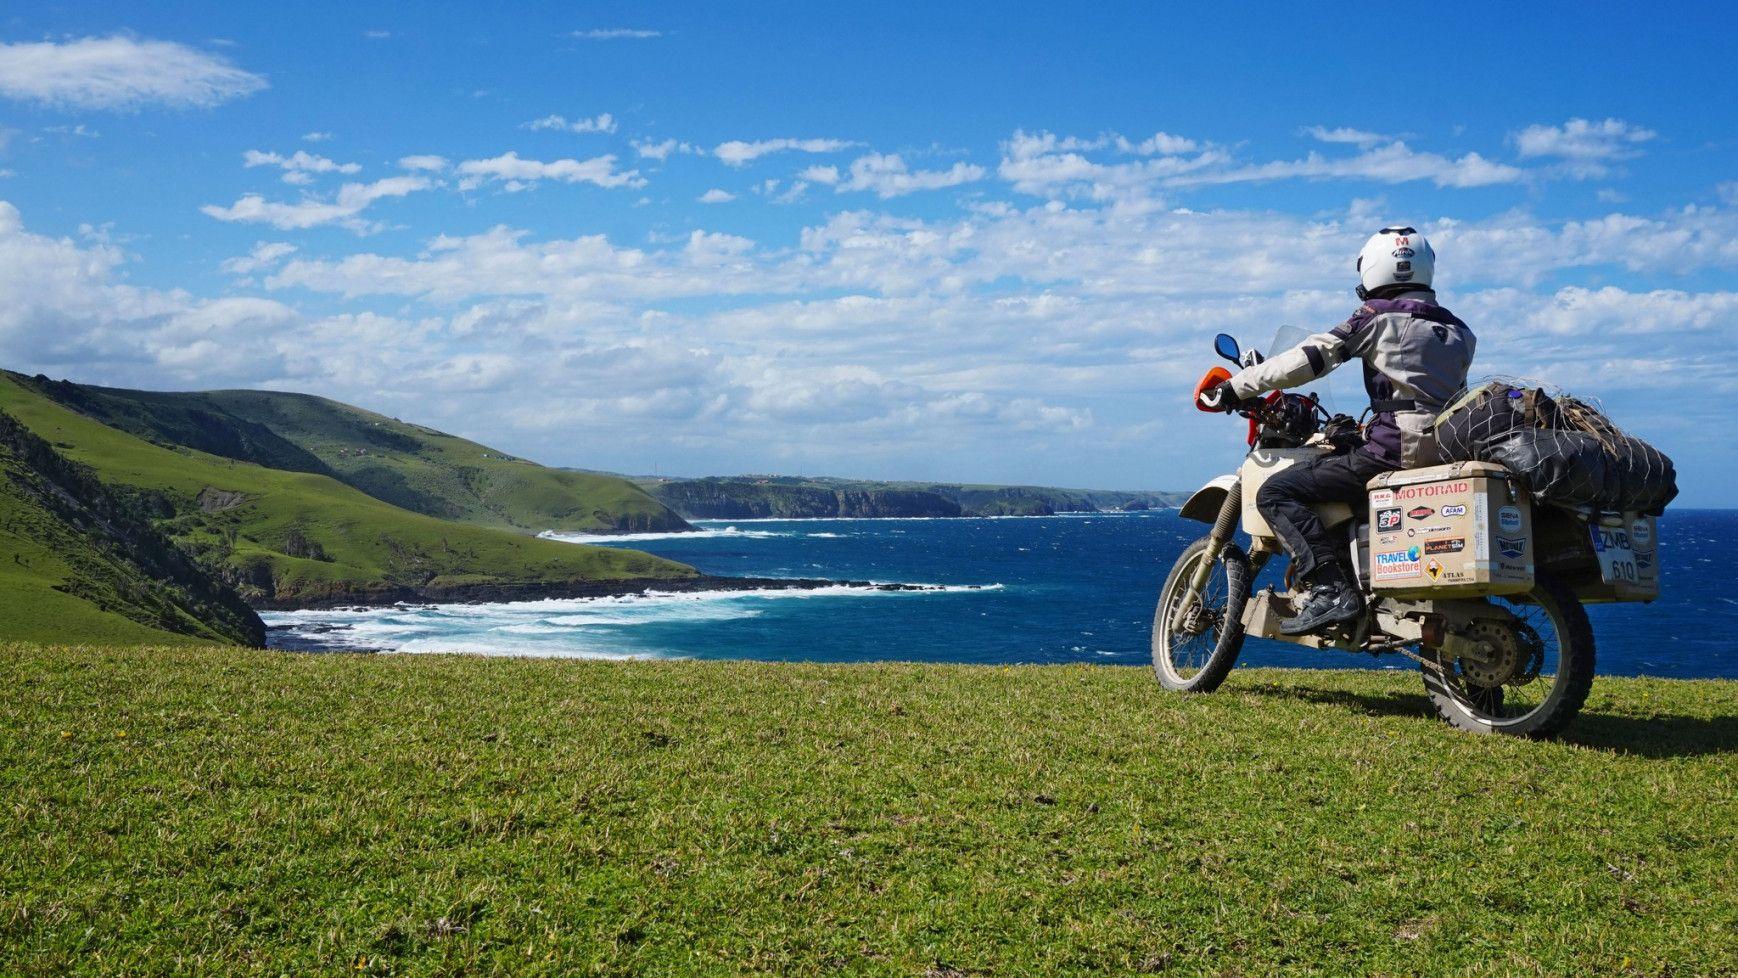 αναβάτης σε μοτοσυκλέτα θαυμάζει τη θέα στη θάλασσα